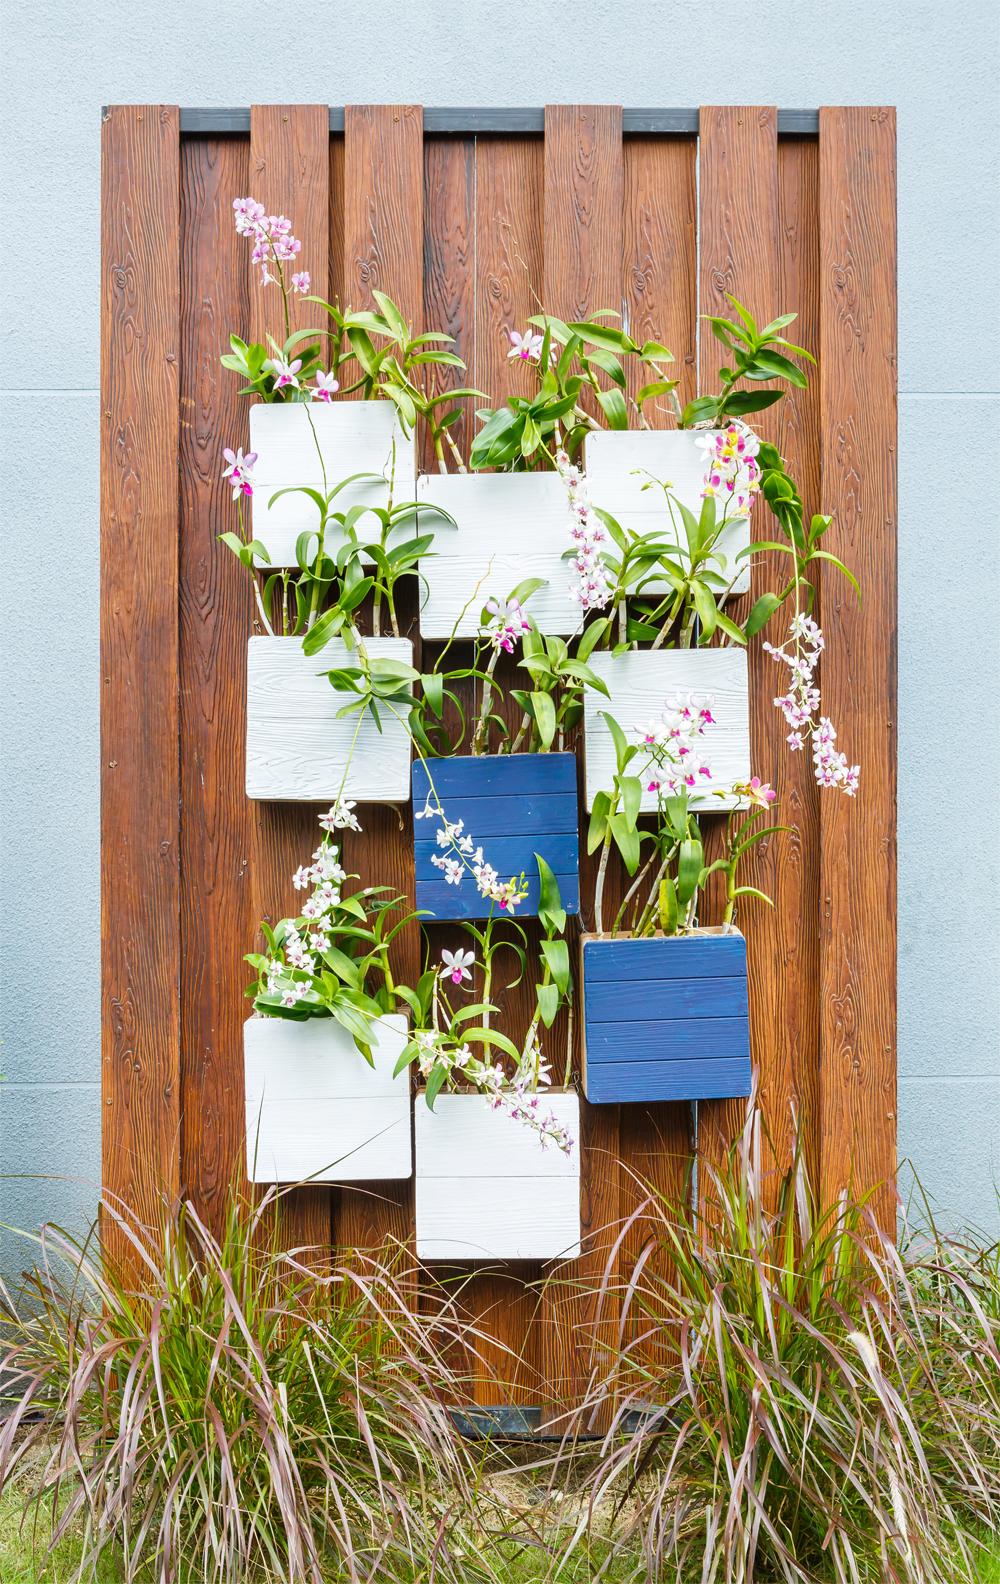 fotolia_66017101_subscription_monthly_xxl - Comment Faire Un Jardin Vertical